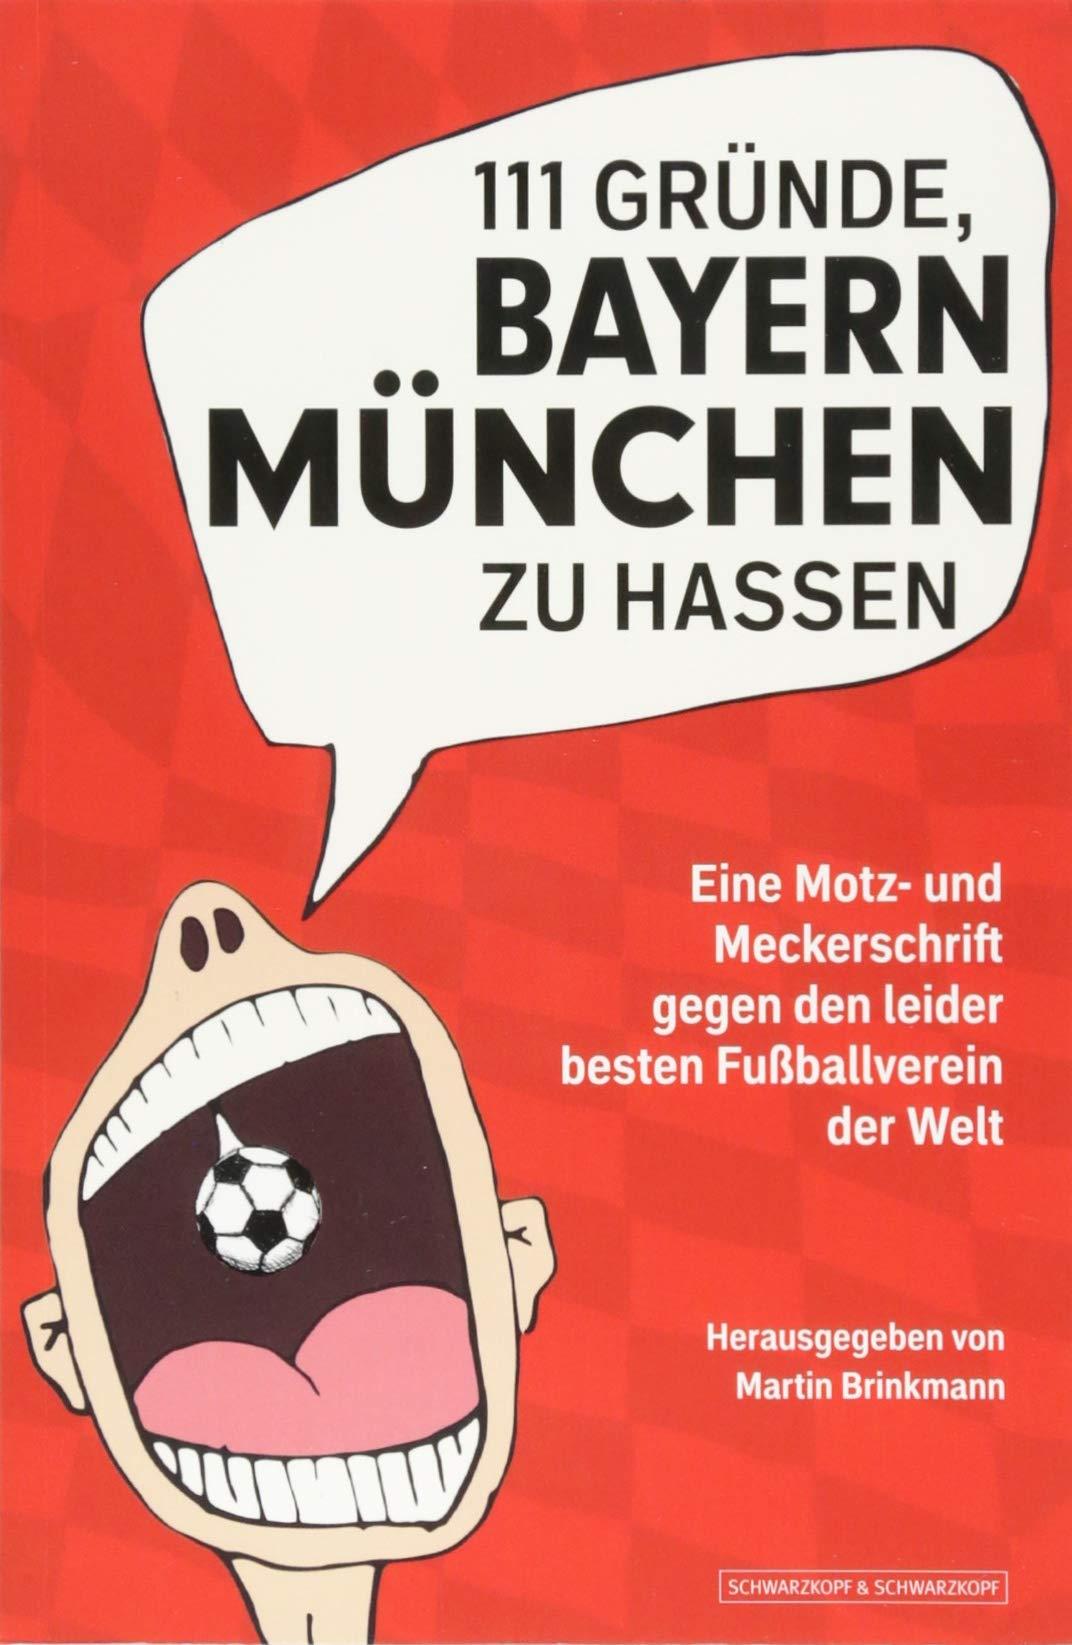 111 Grunde Bayern Munchen Zu Hassen Eine Motz Und